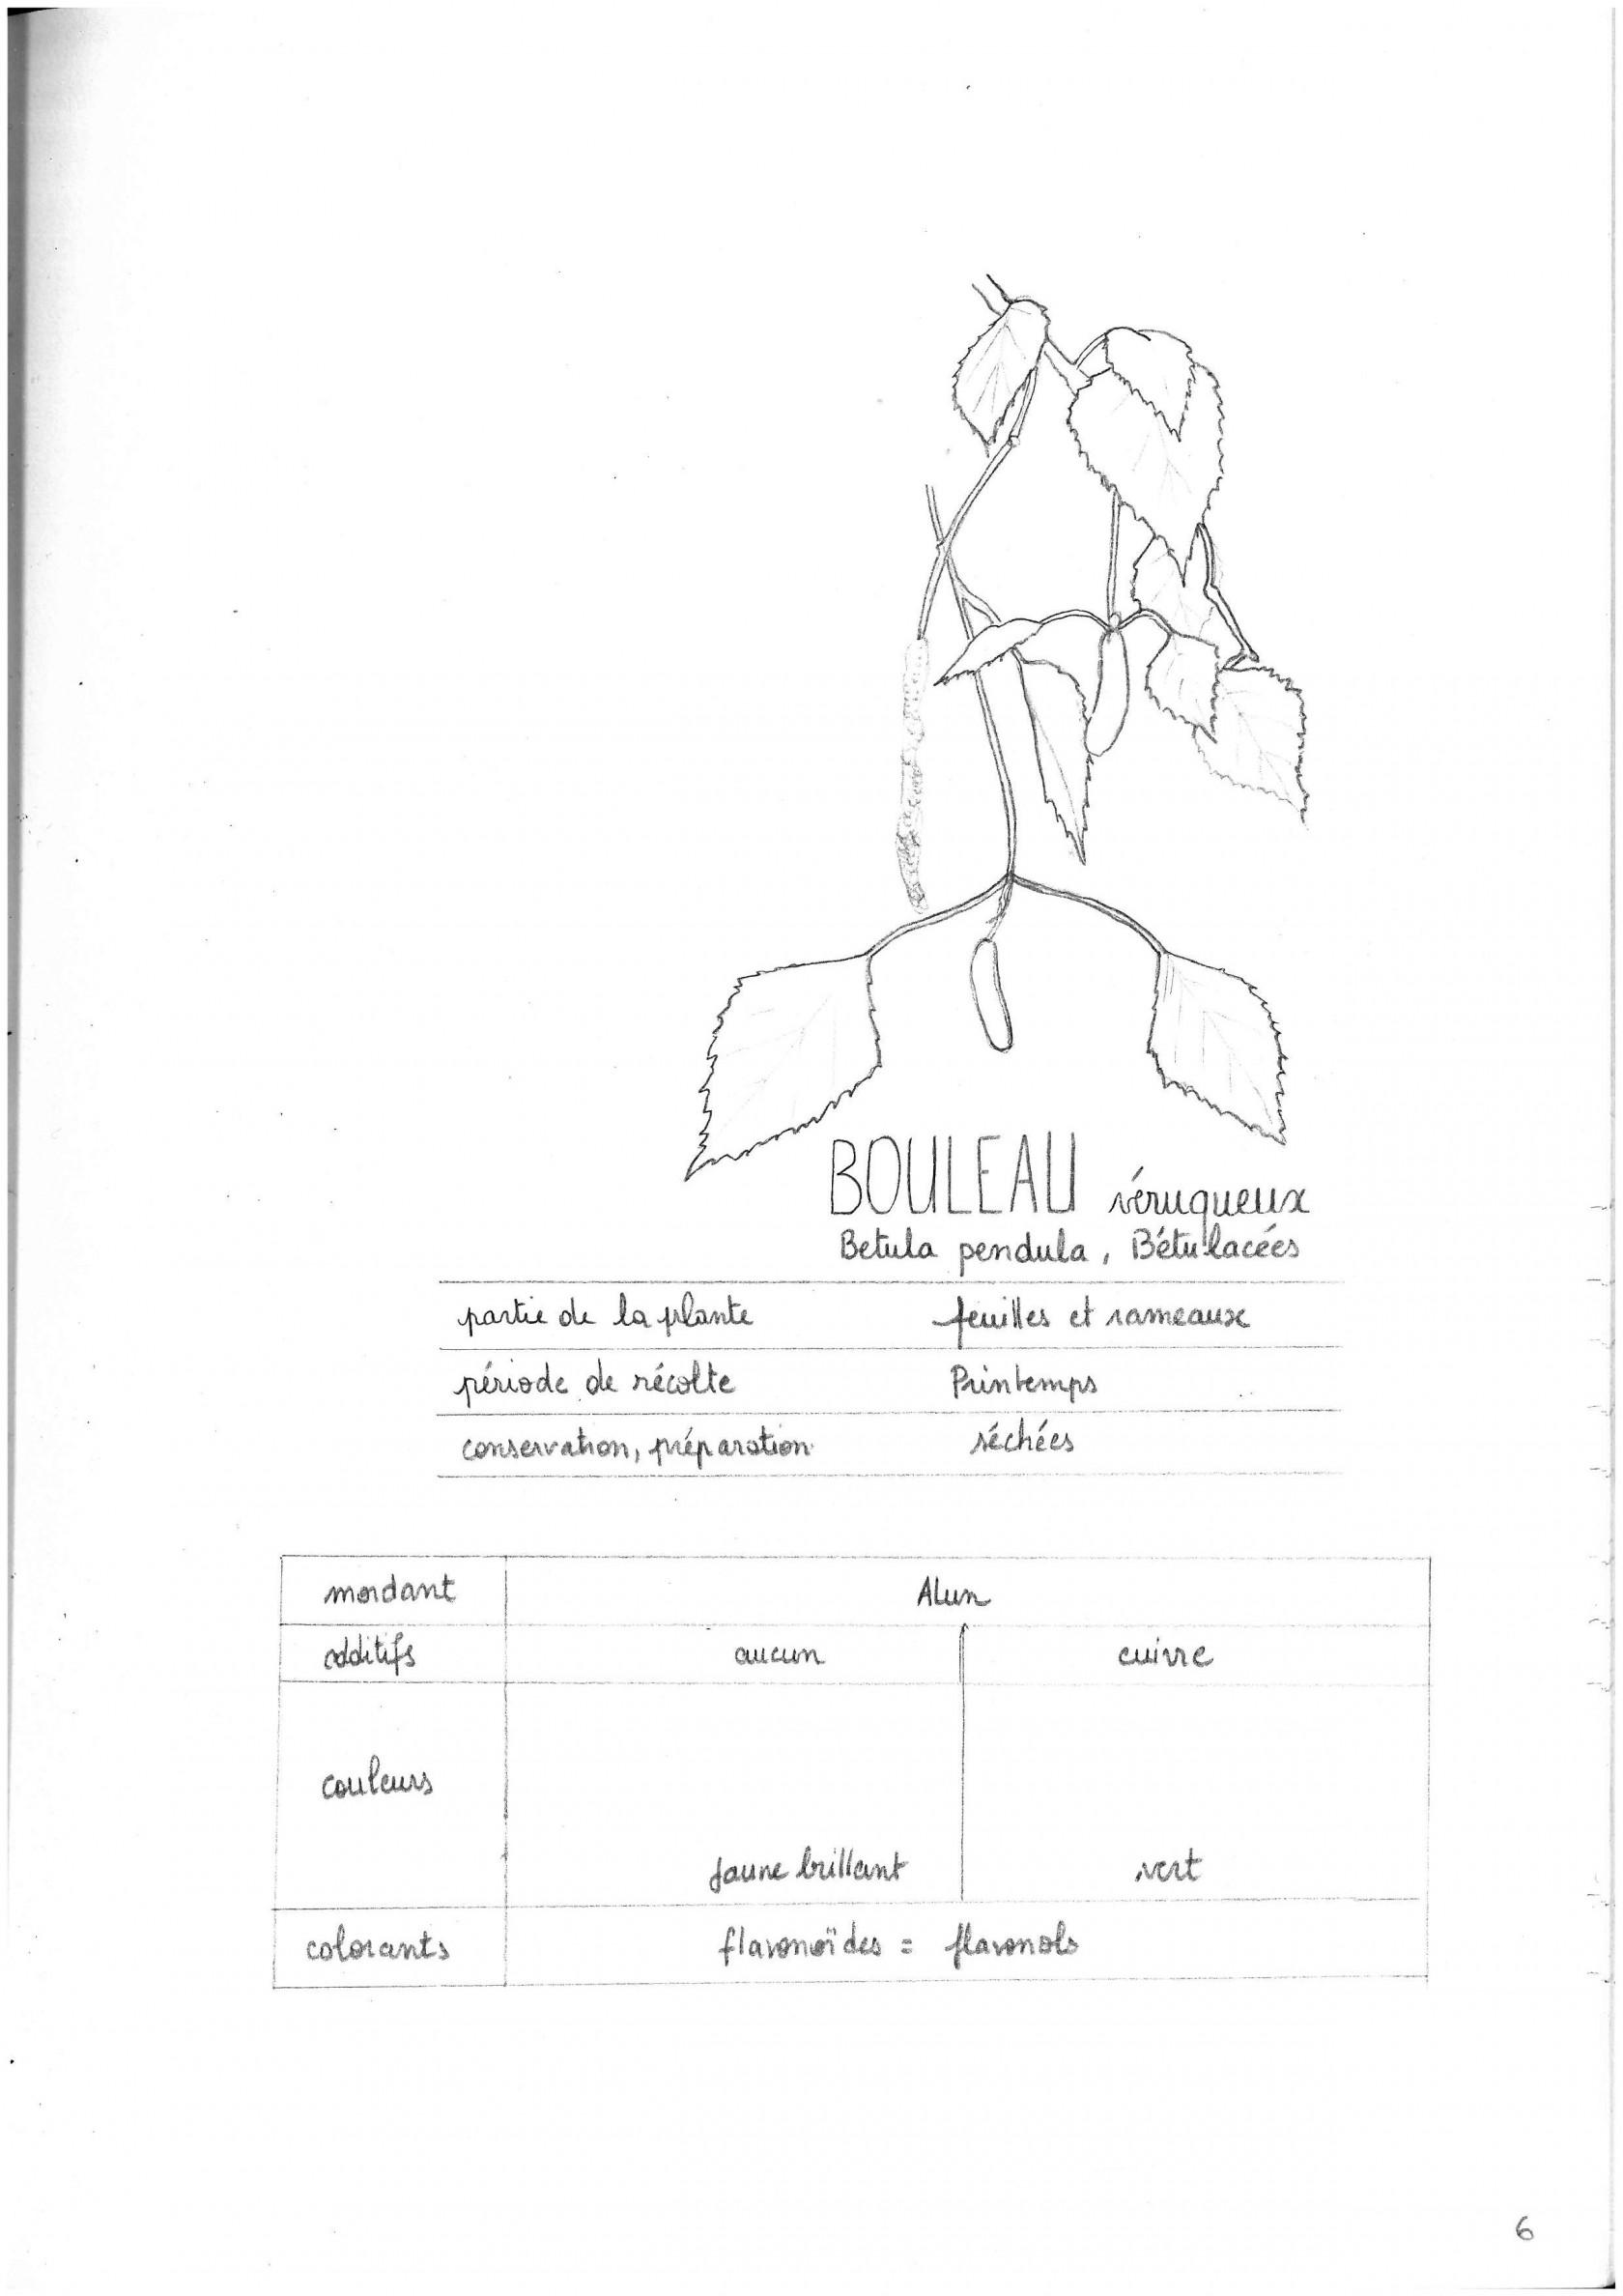 bouleauveruqueuxp6.jpg